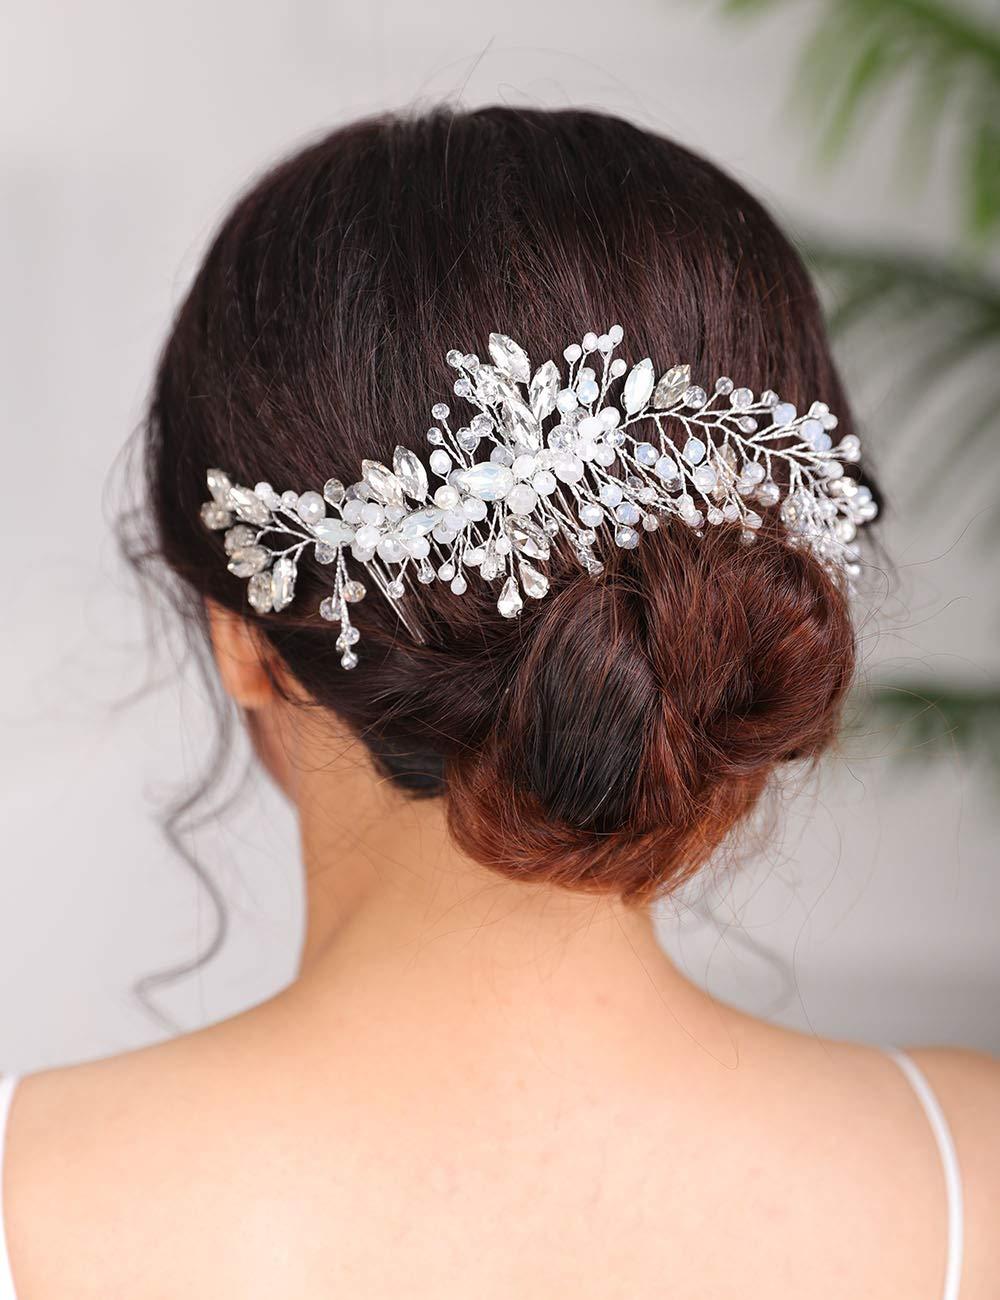 Denifery Headpiece Hair Comb Wedding Bridal Hair Vine Opal Hair Comb Bridal Something Blue for Bride Hair Accessories Season Wedding Hair Piece Hair Jewelry Bridal Hair Accessories (Silver)